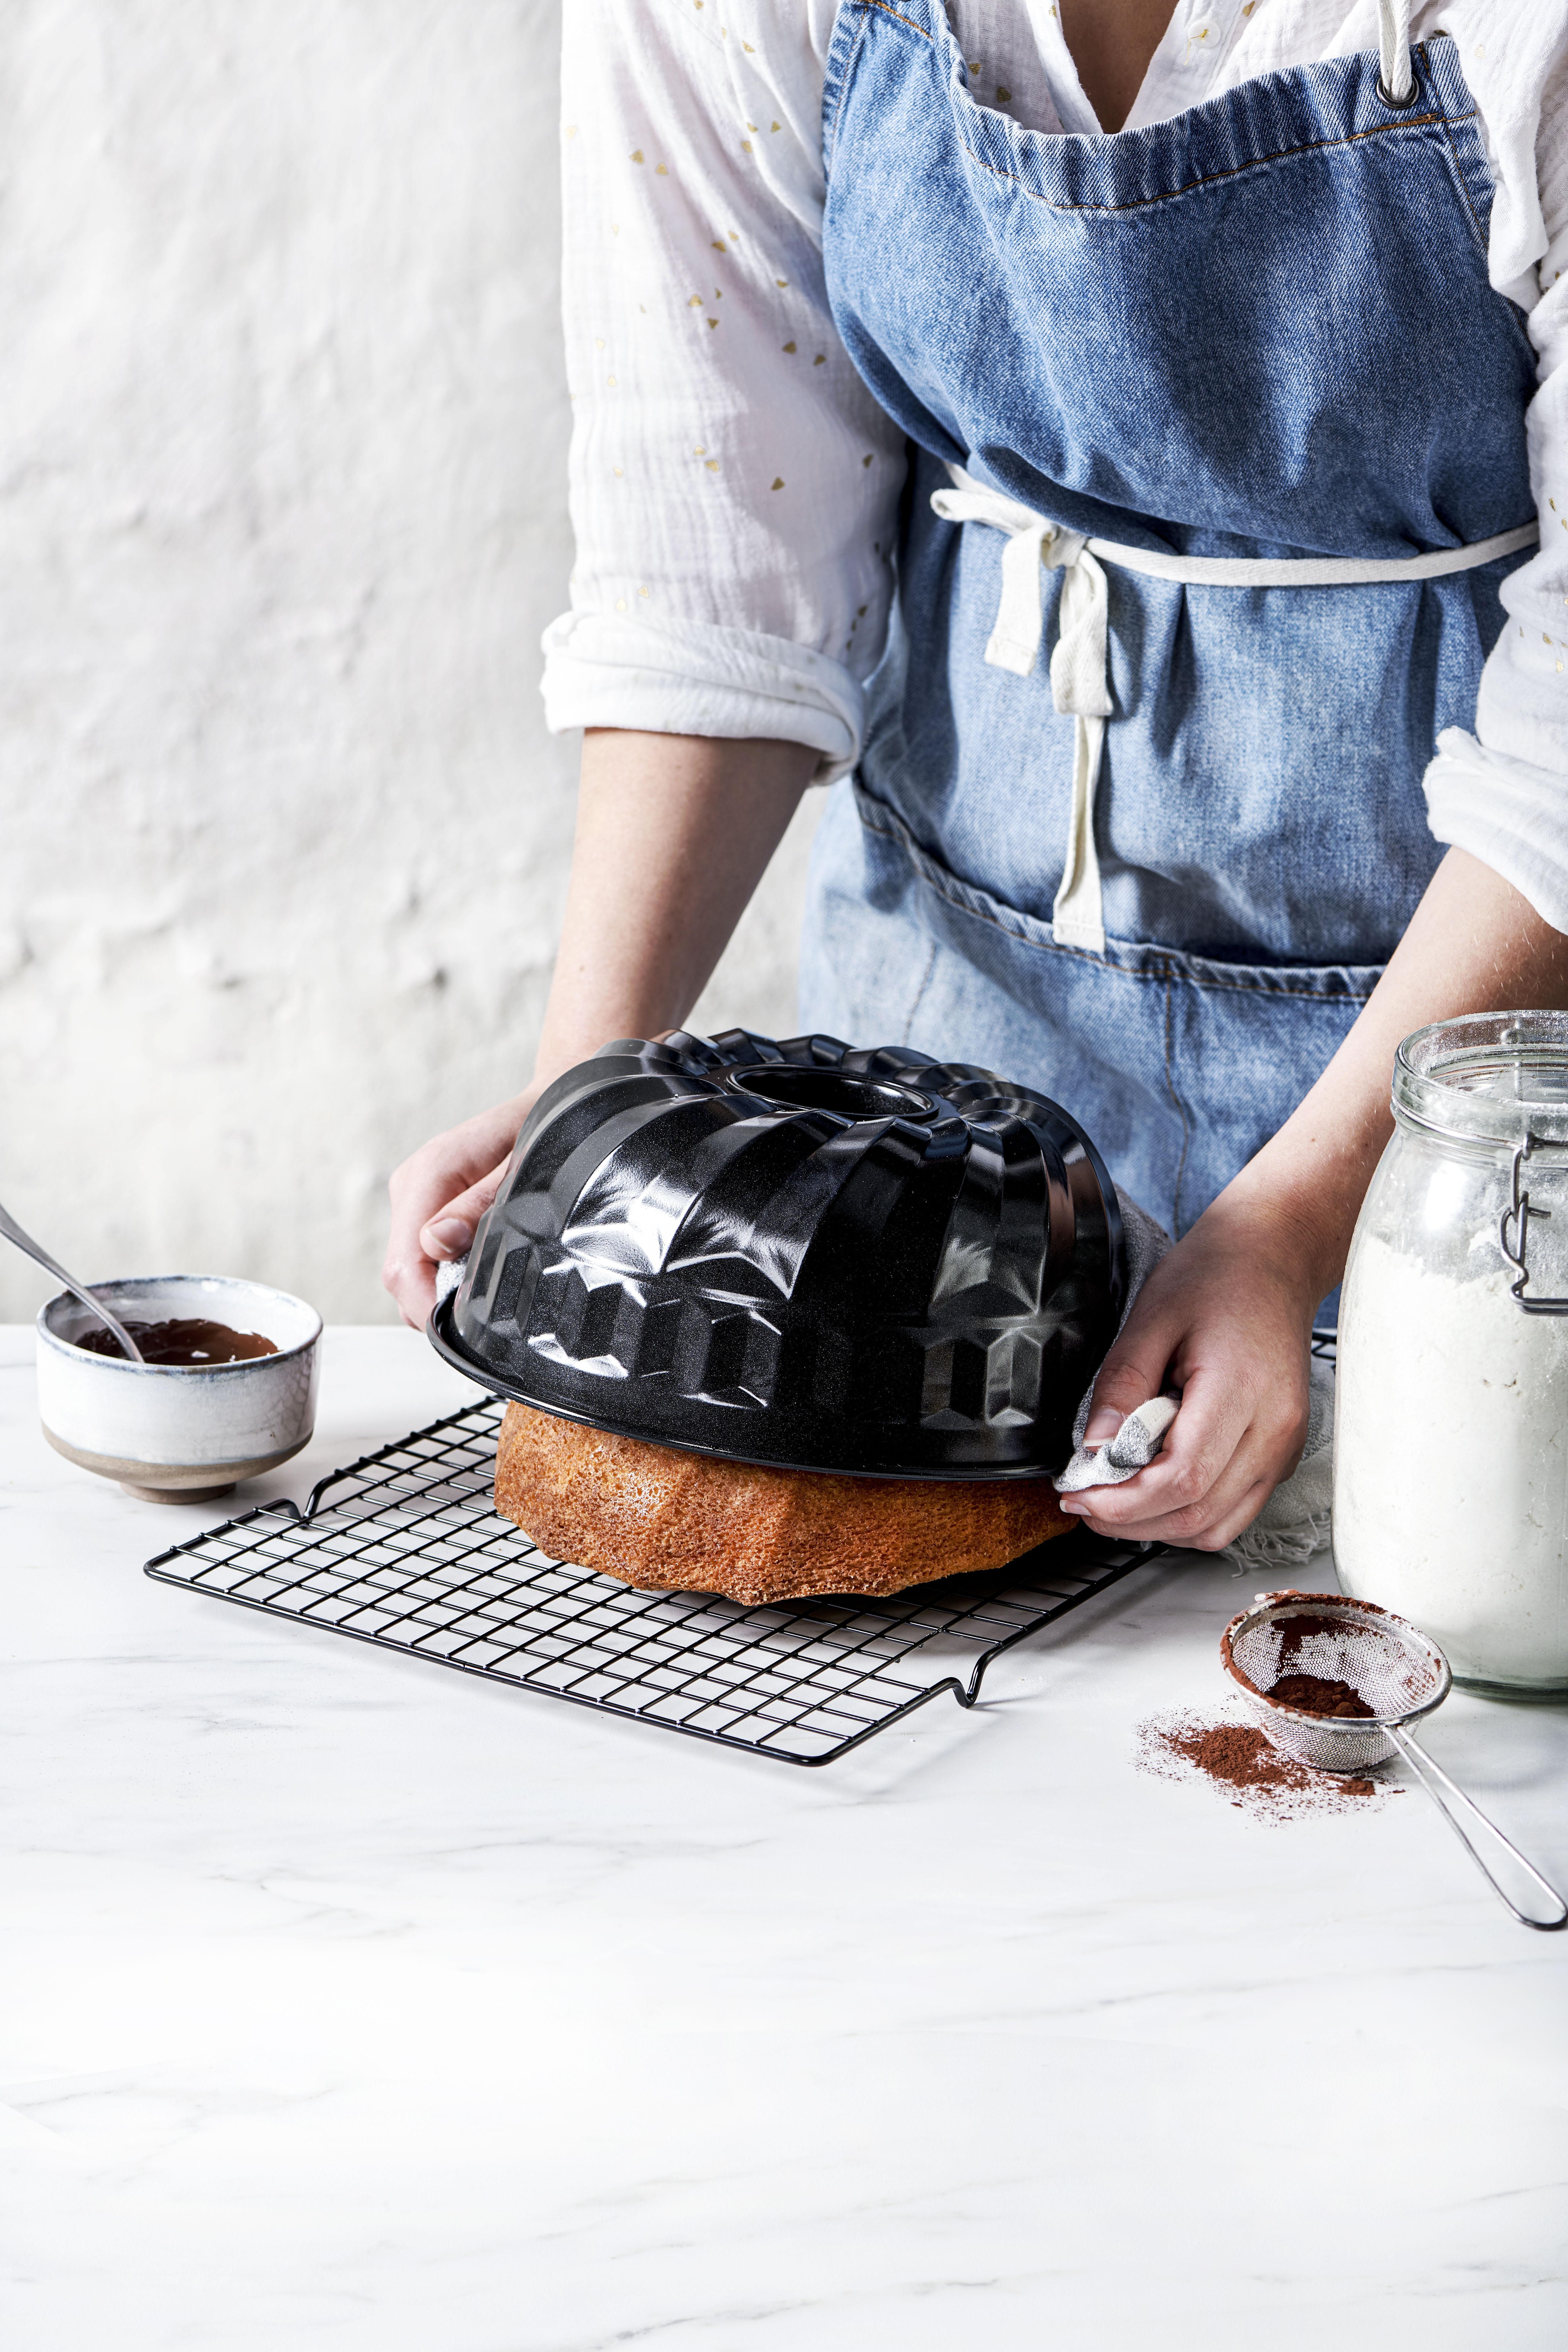 Ideetjes om je tulbandcake te versieren